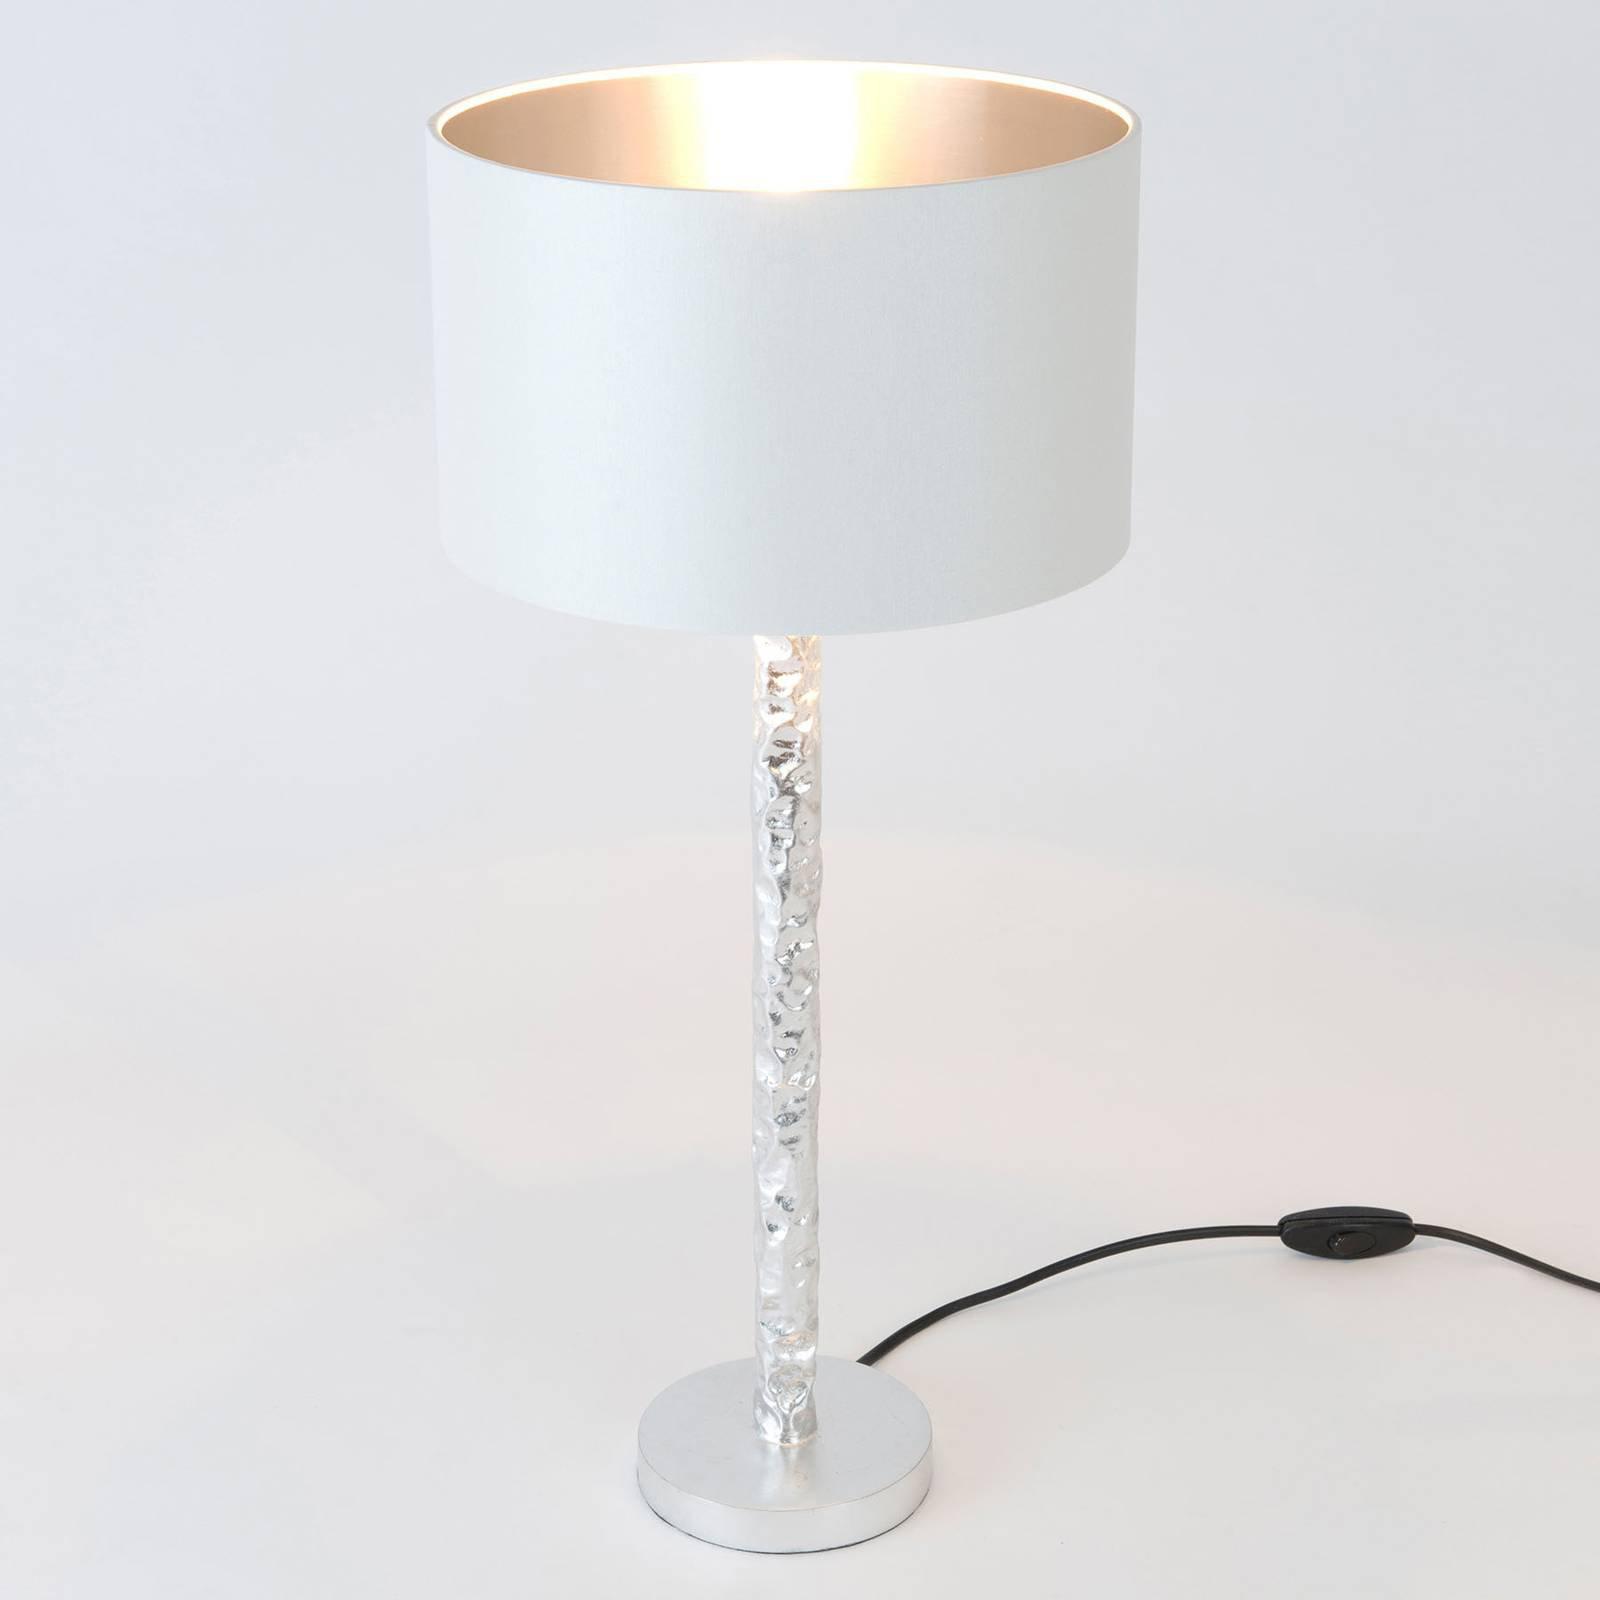 Bordlampe Cancelliere Rotonda, hvit/sølv, 57 cm